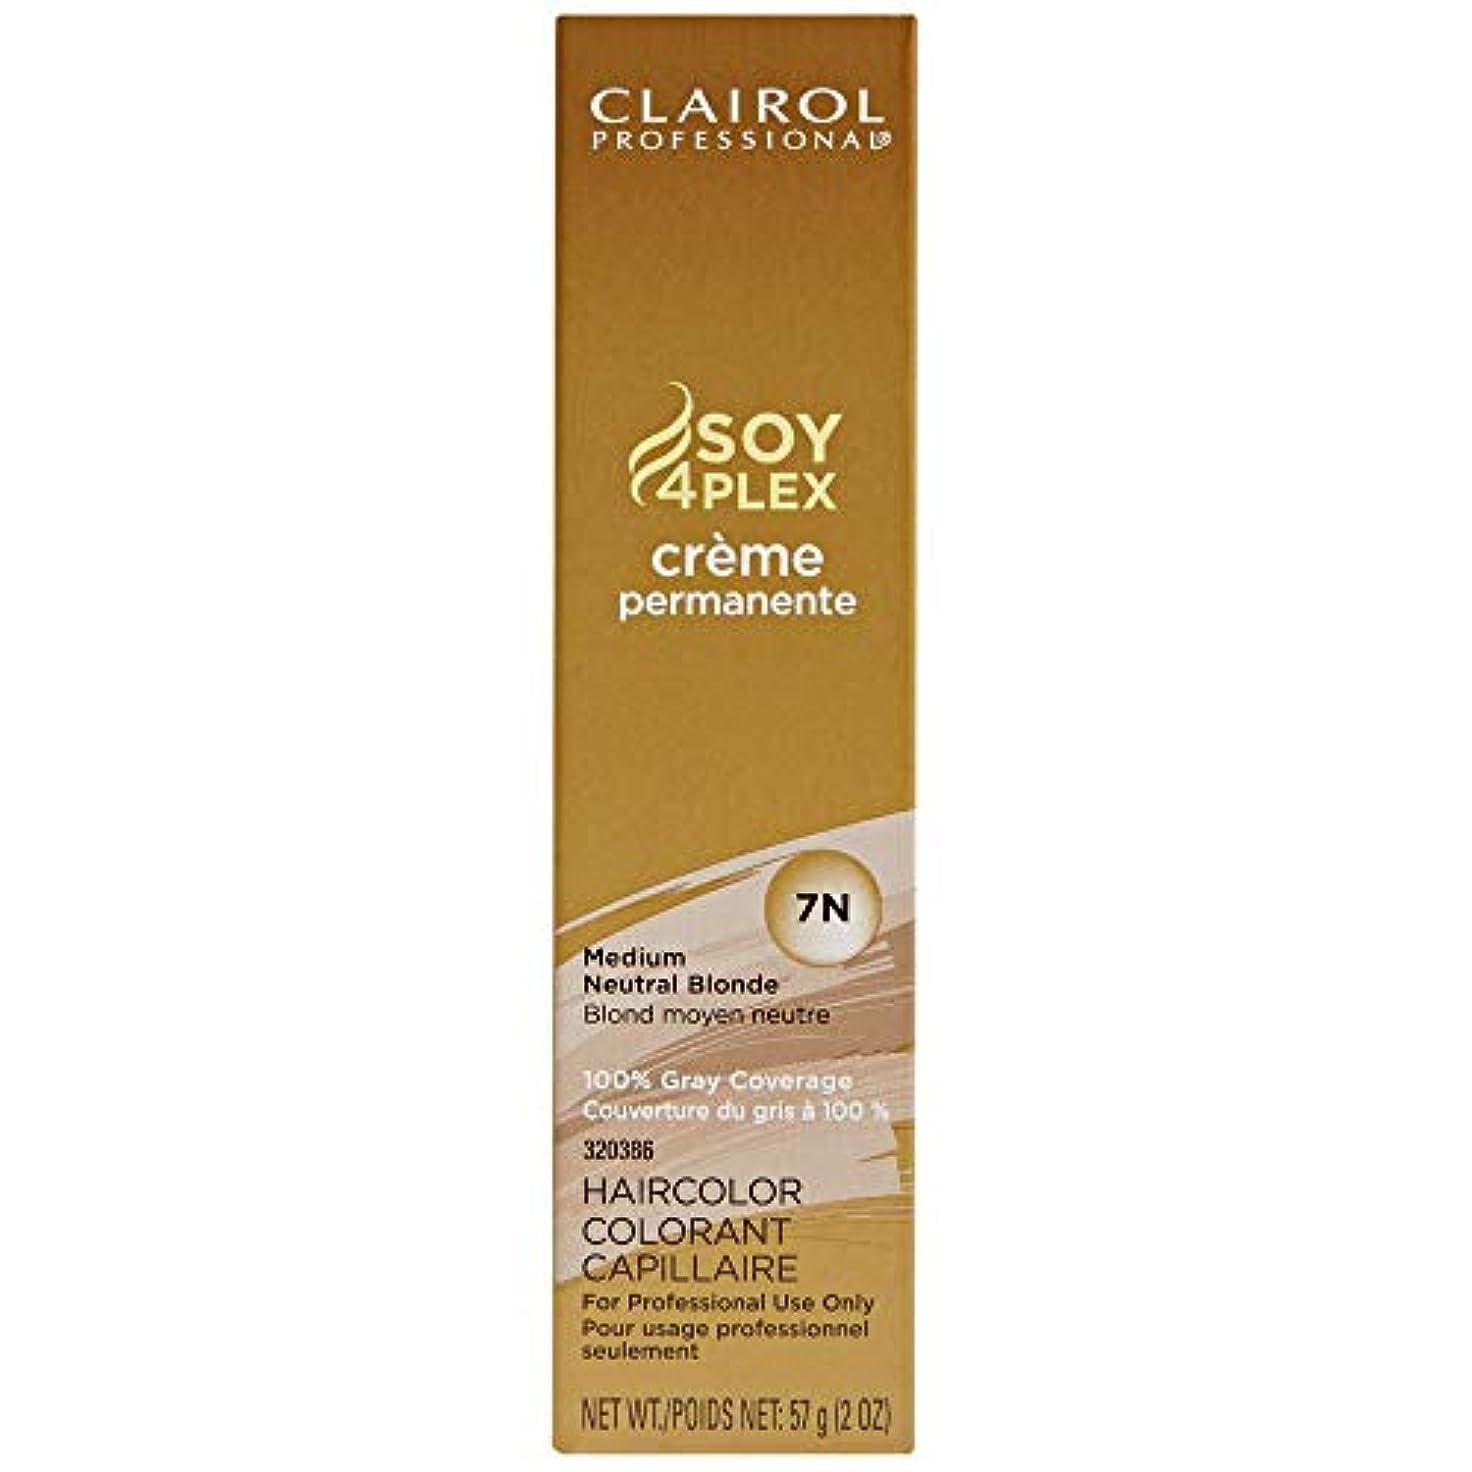 最悪うれしい精査するClairol Professional - SOY4Plex - Creme Permanente - Medium Neutral Blonde 7N - 2 oz / 57g